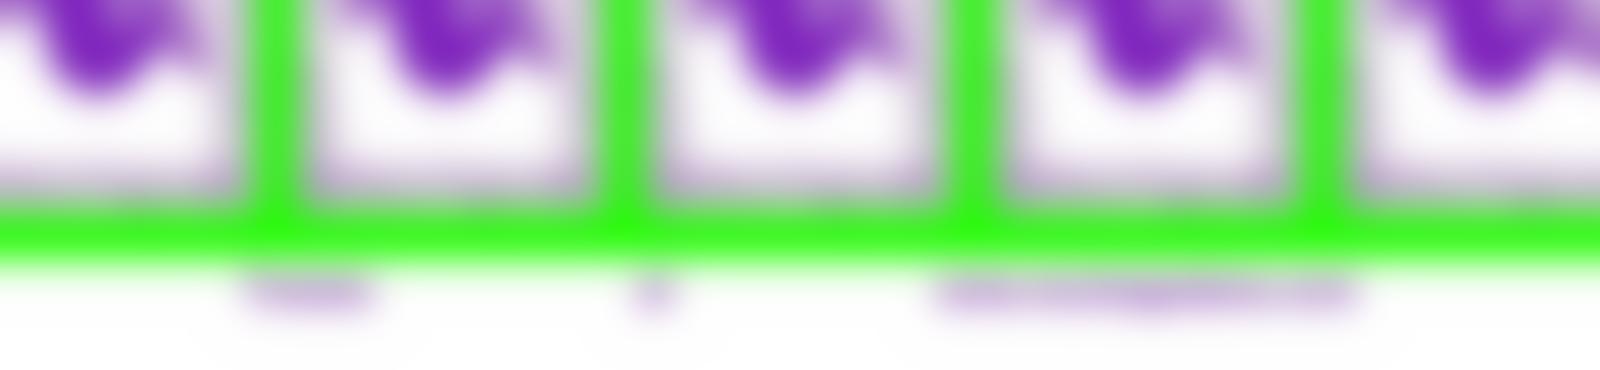 Blurred e9502946 302a 490e a6d1 ca097f488e02